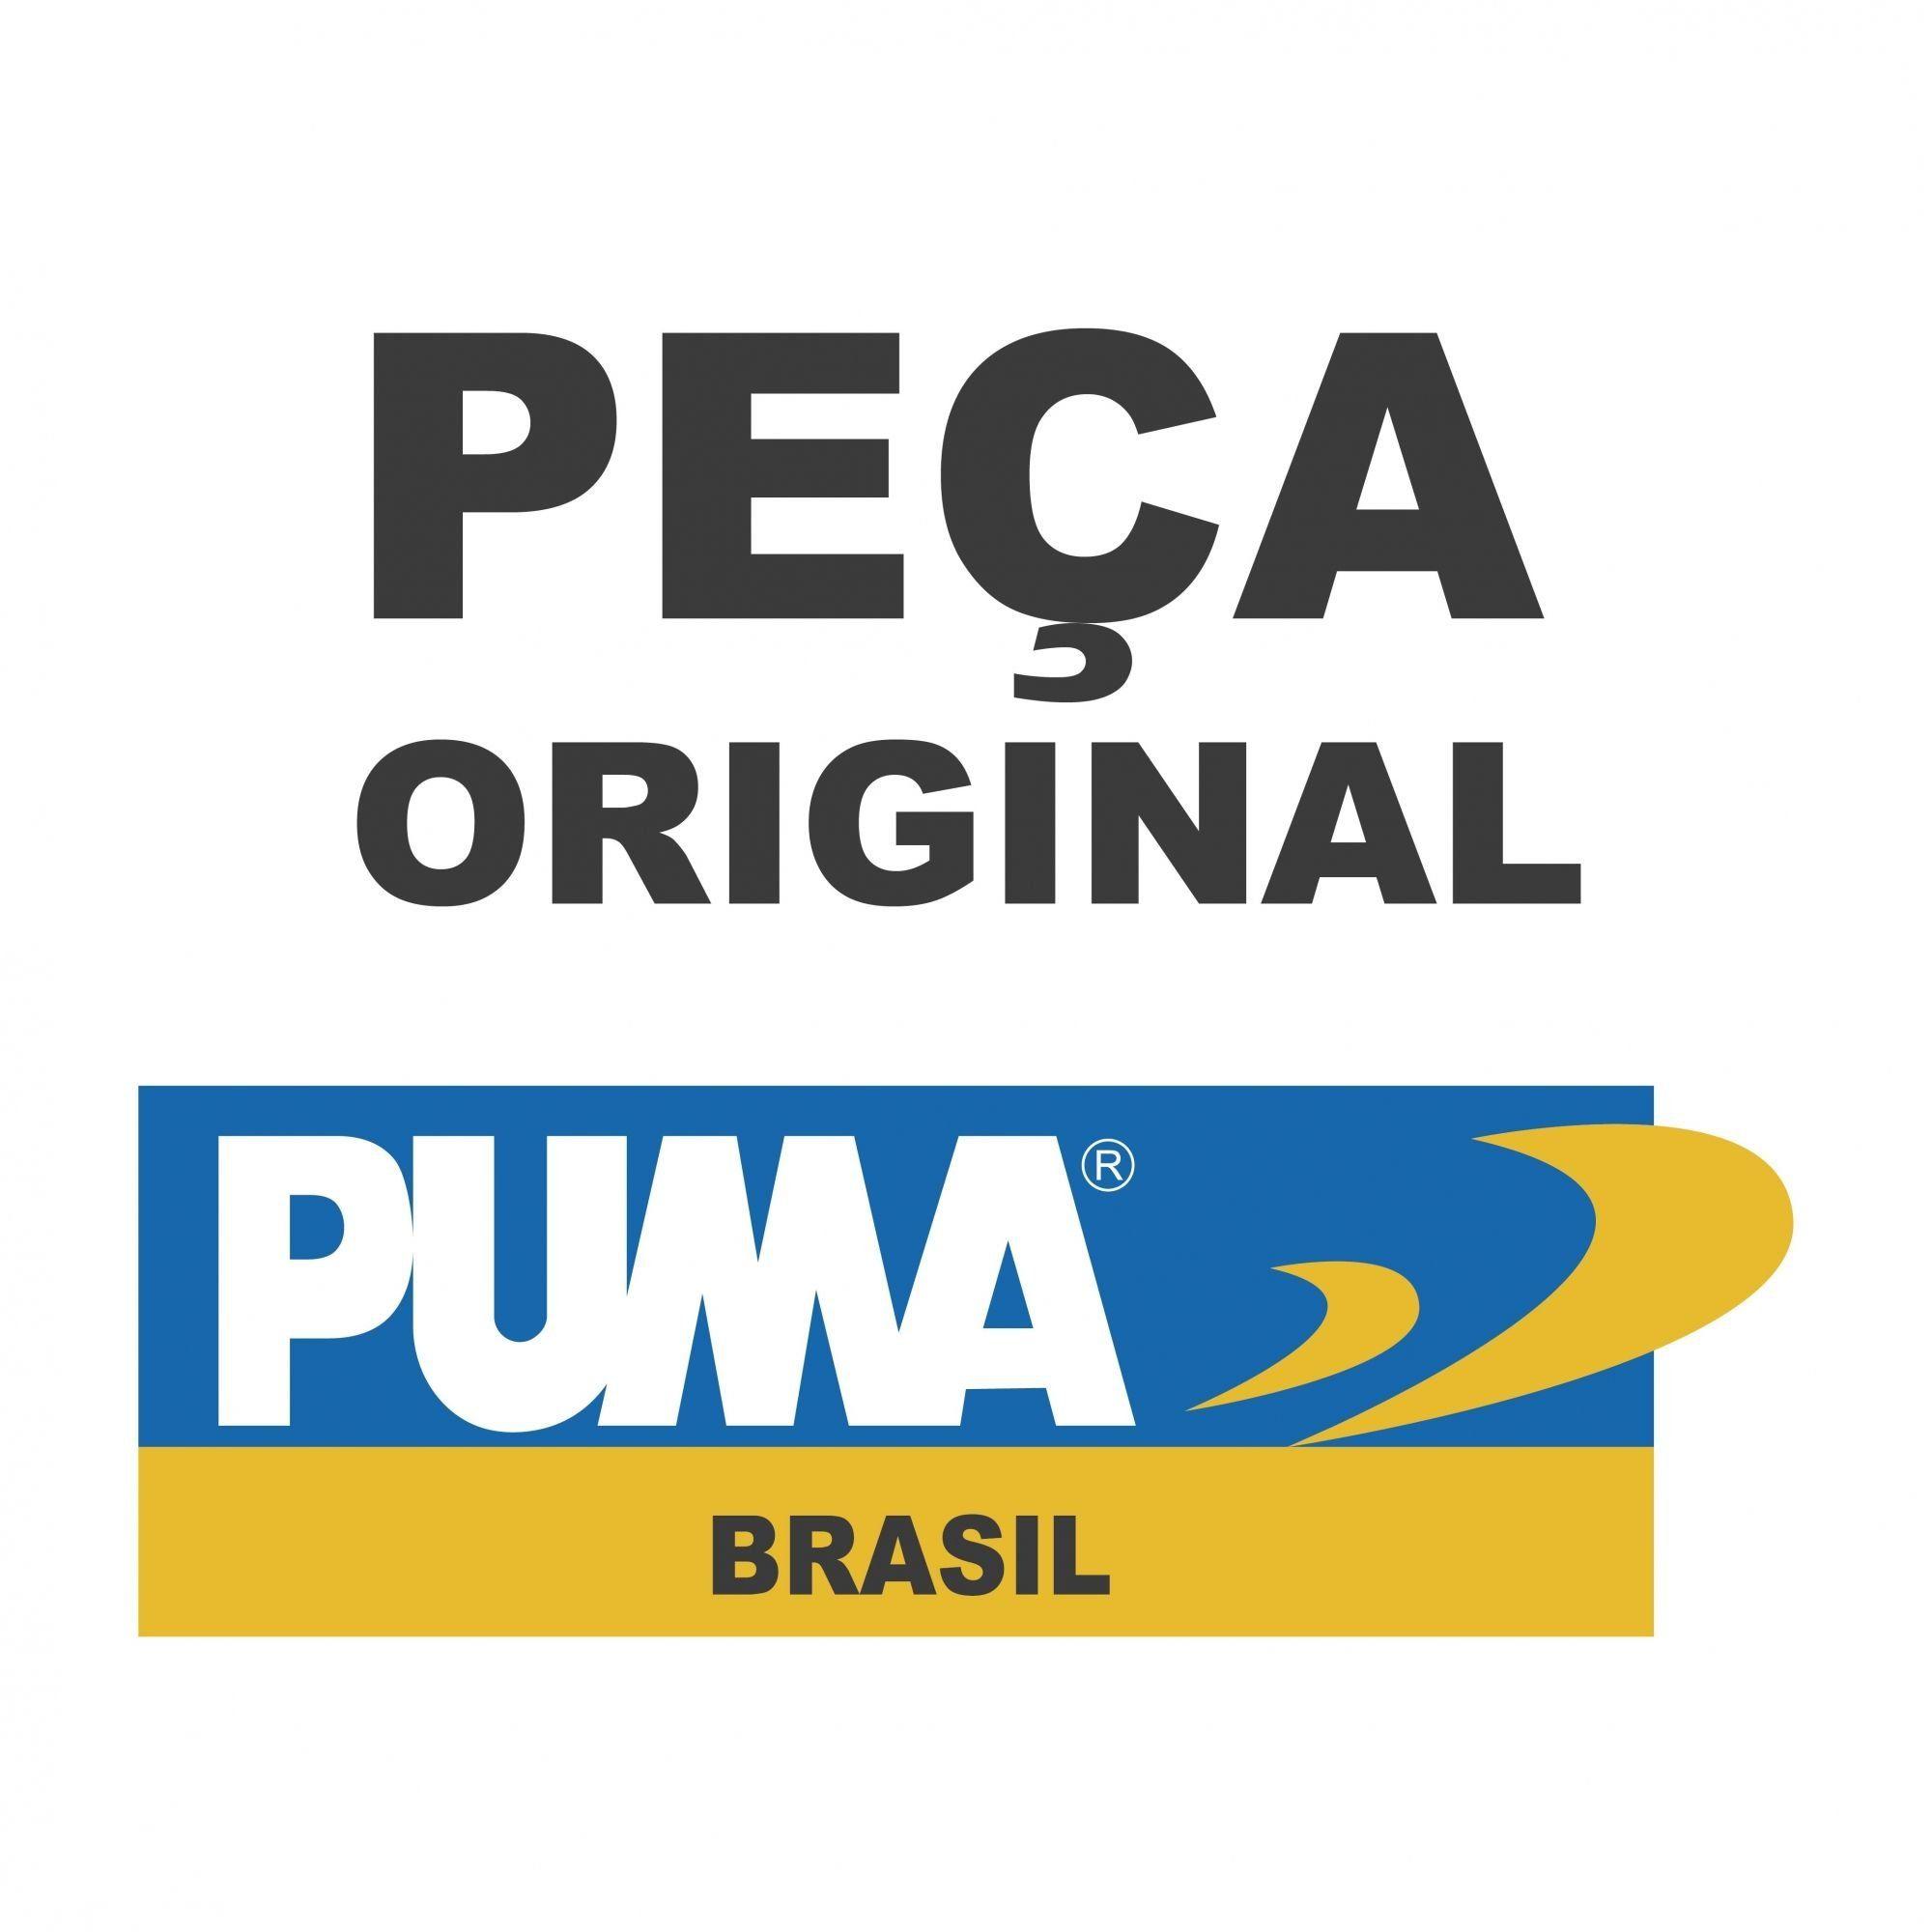 O'RING - PEÇA PNEUMÁTICA PUMA - T4041I-07